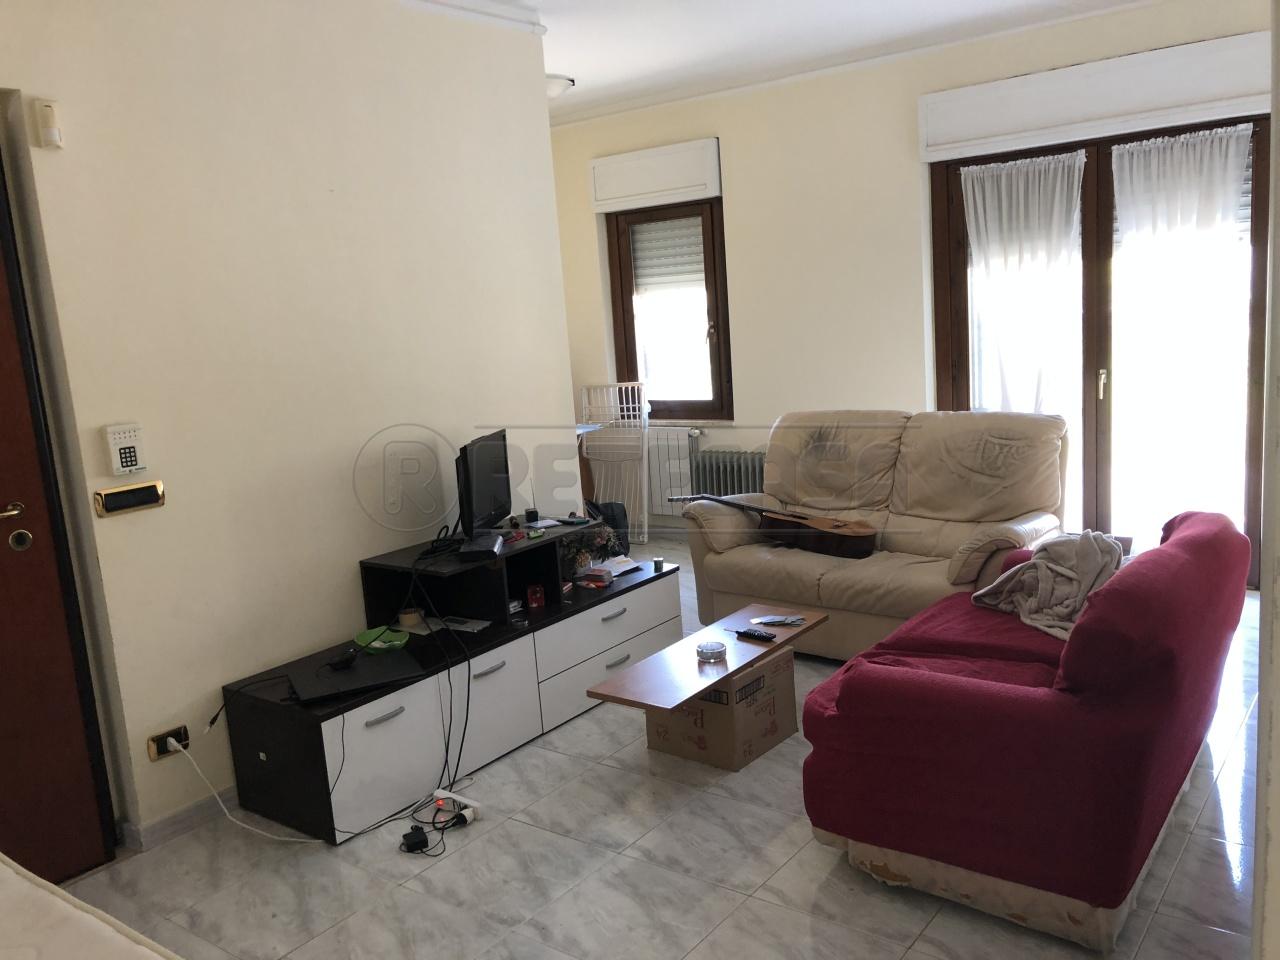 Appartamento 5 locali in vendita a Catanzaro (CZ)